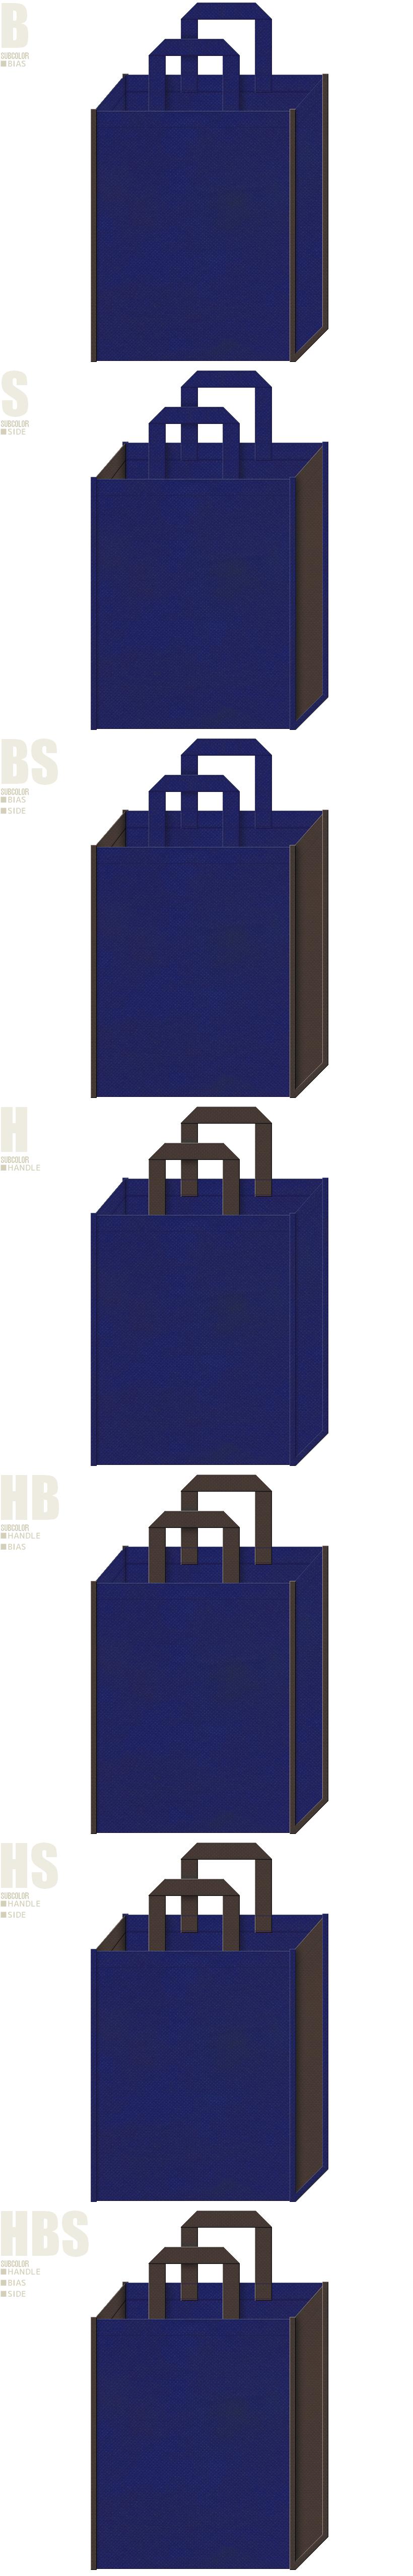 廃屋・山小屋・迷路・地下牢・ミステリー・ホラー・ゲームの展示会用バッグにお奨めの不織布バッグデザイン:明るい紺色とこげ茶色の不織布バッグ配色7パターン